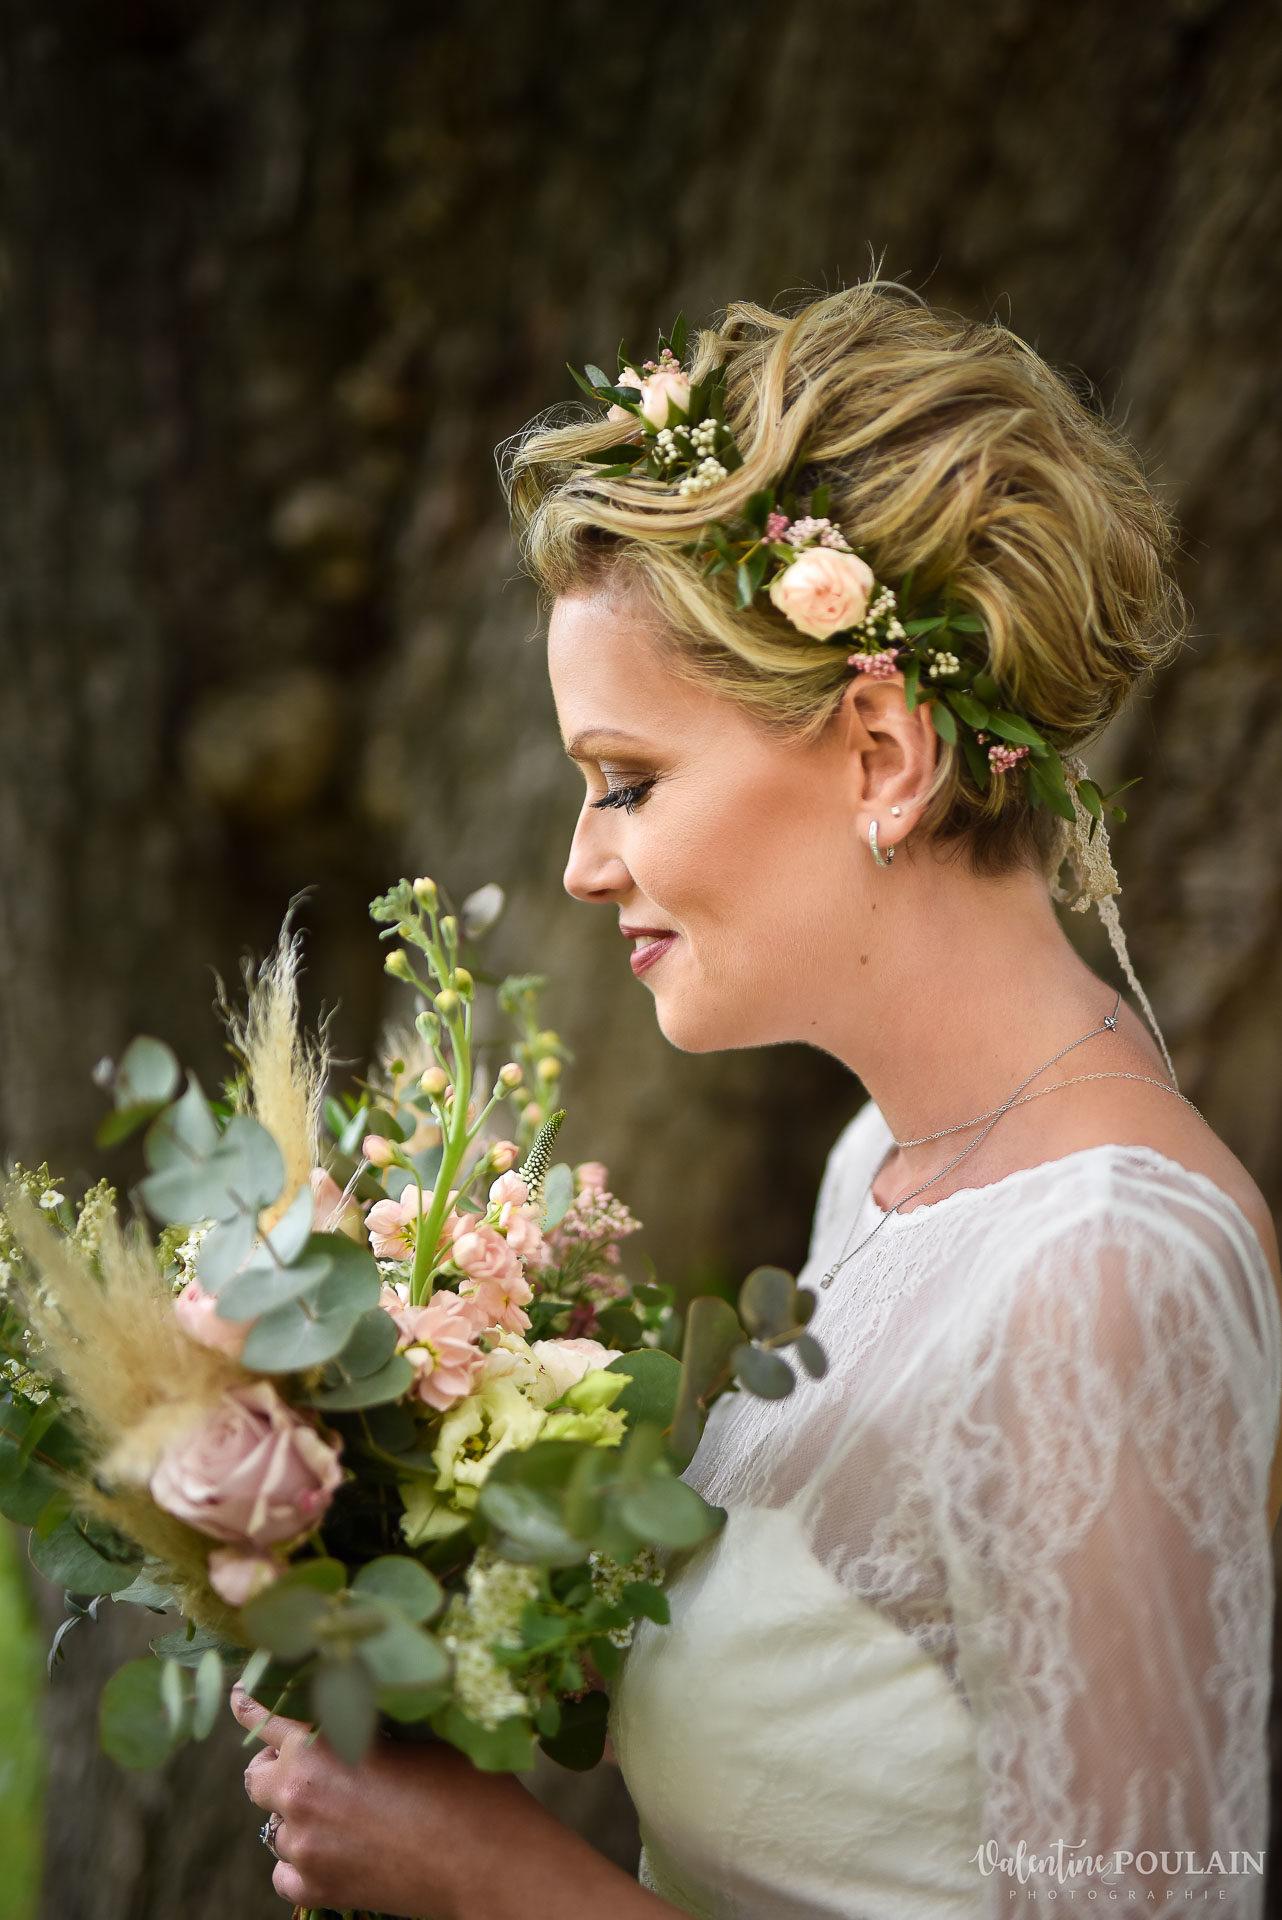 Portrait mariée fleurs - Valentine Poulain